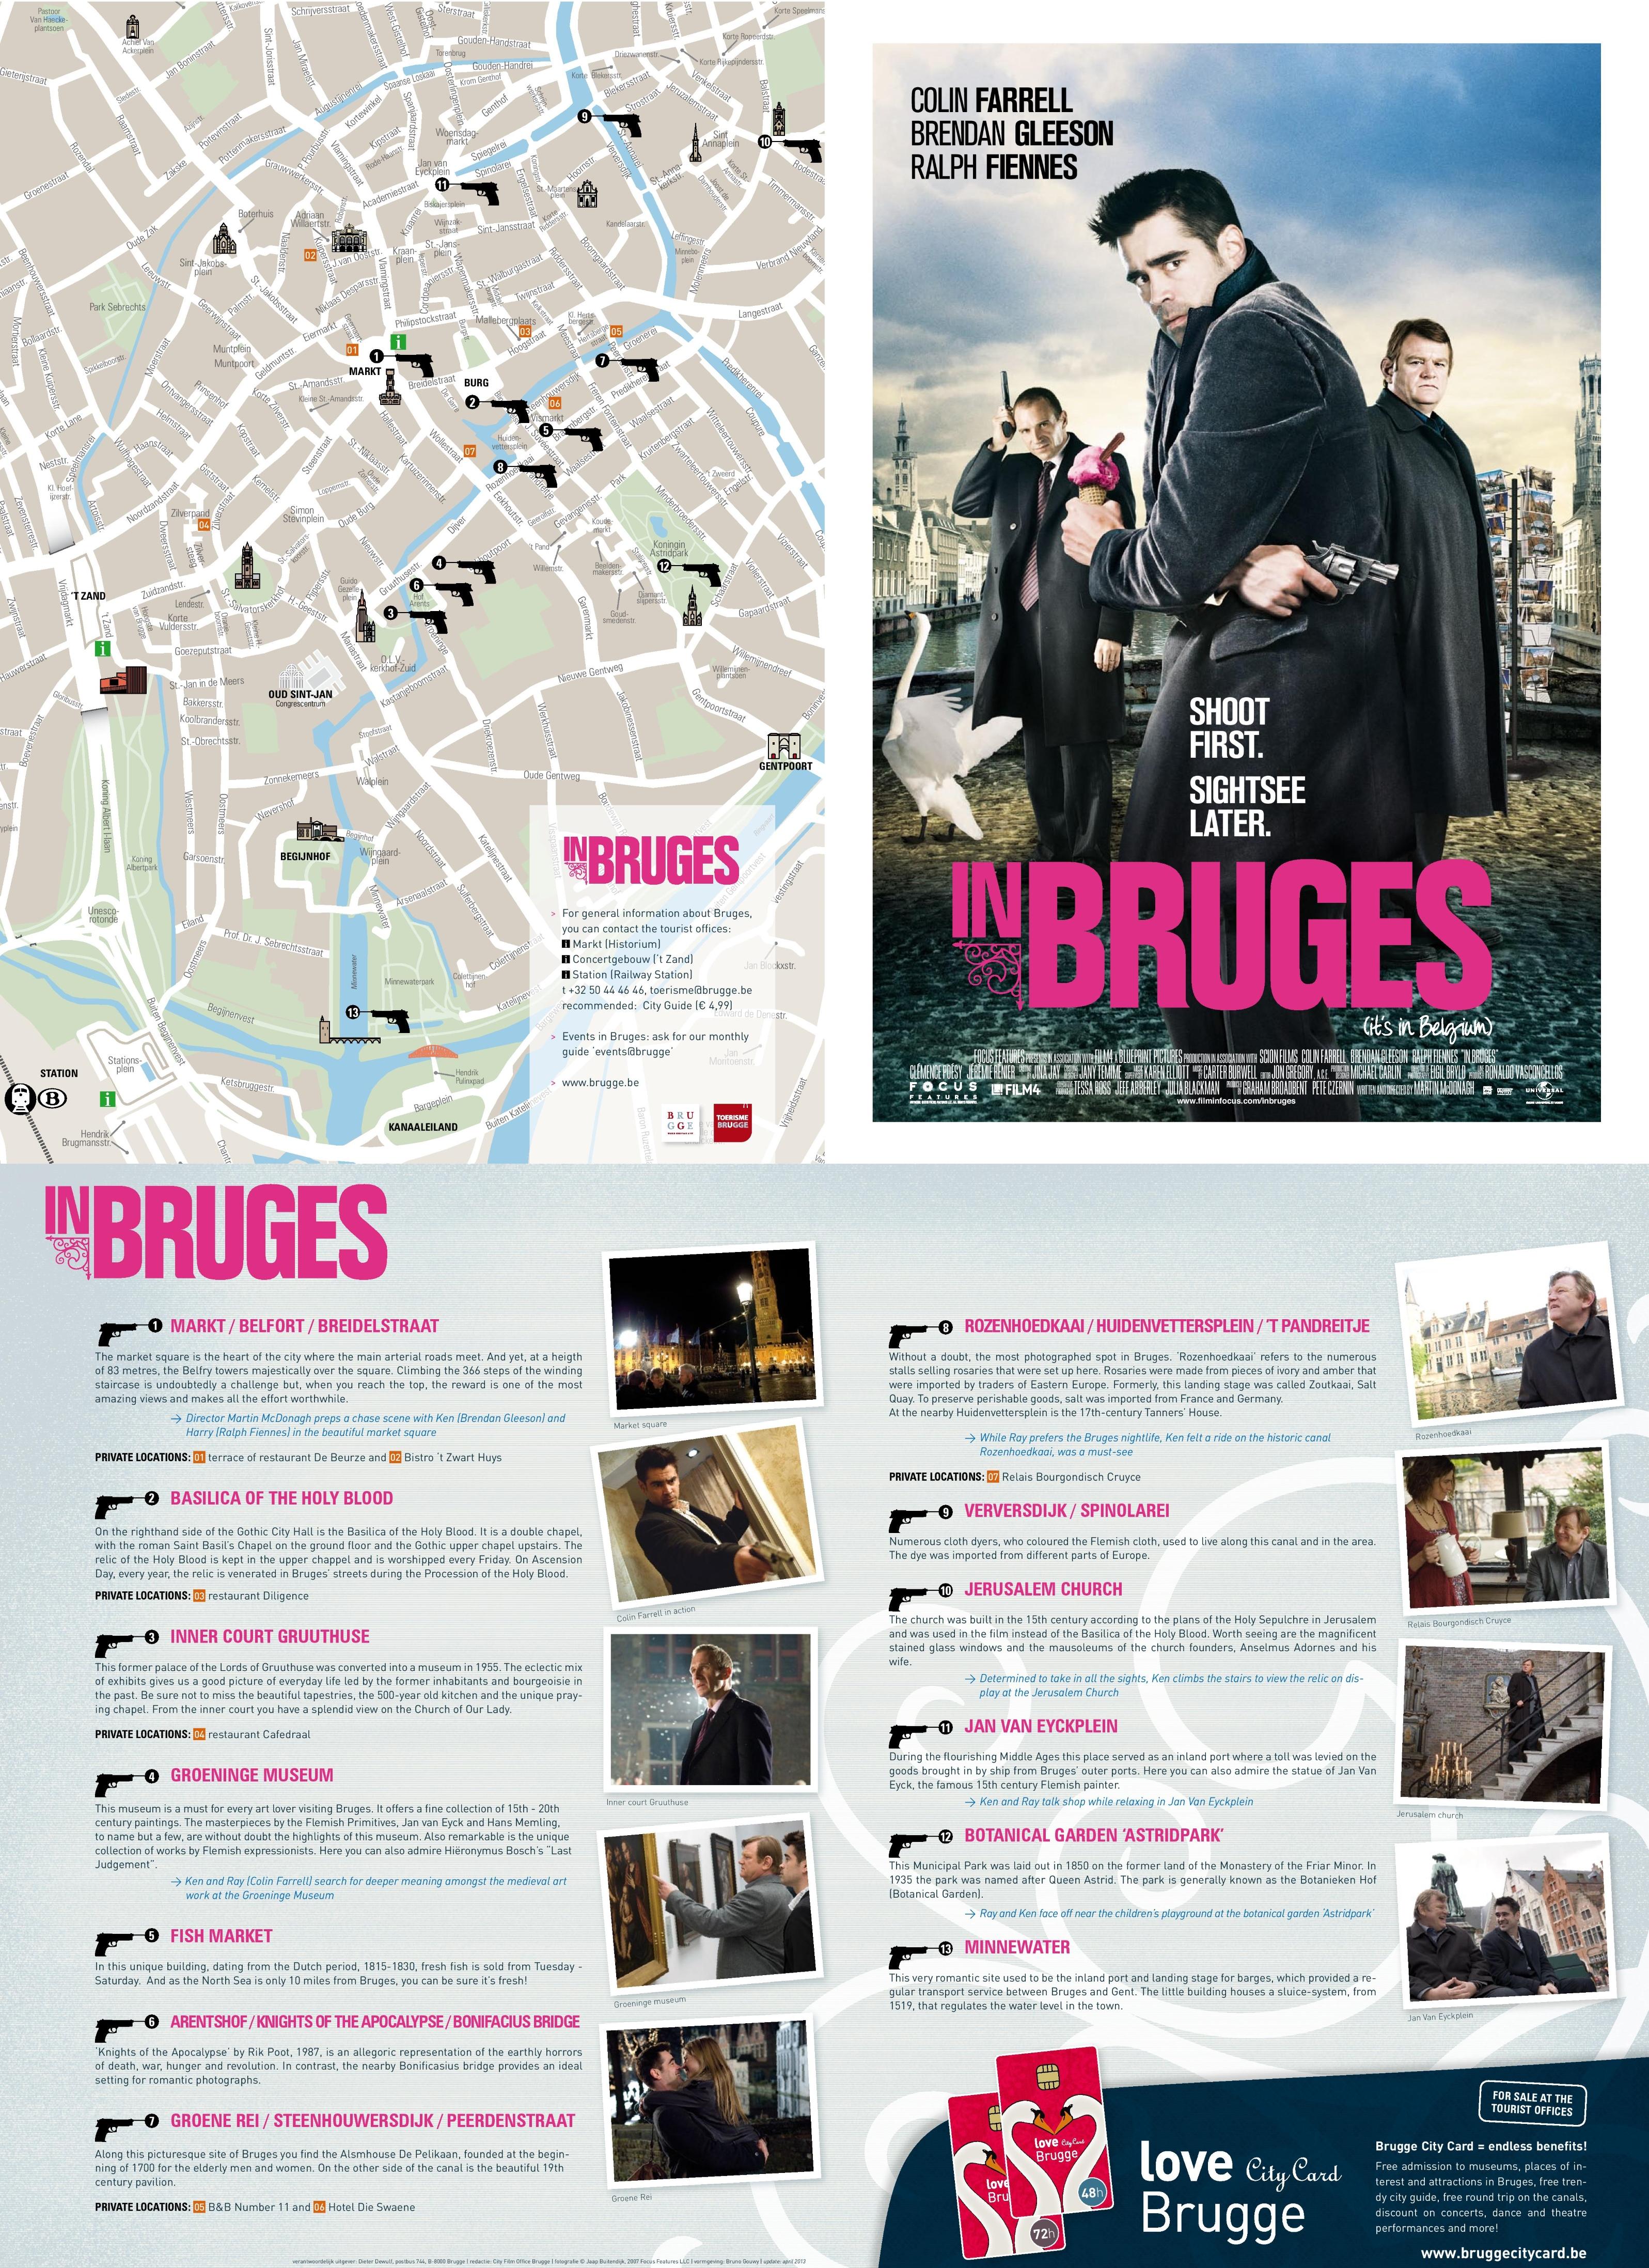 Bruges France Map.In Bruges Movie Map